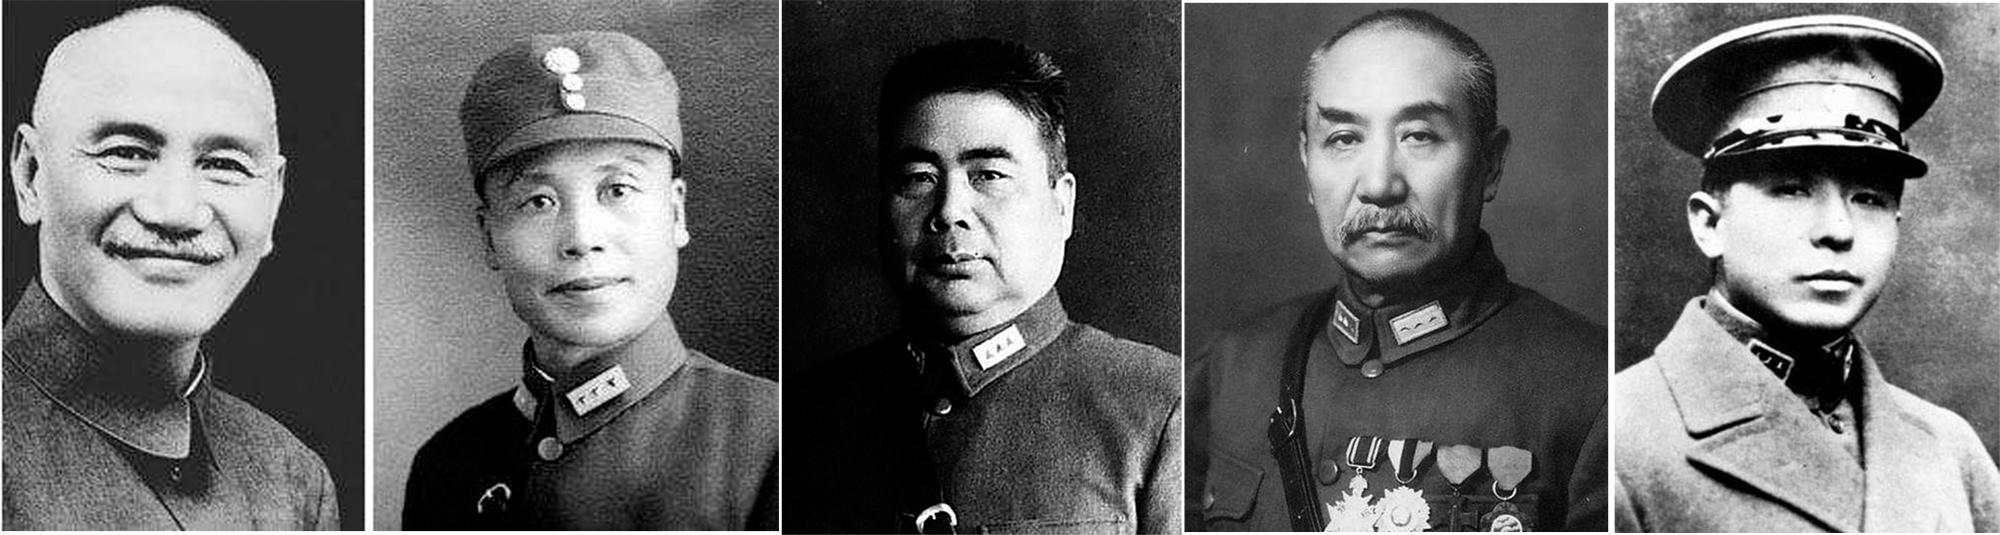 地圖上的民國軍閥史,蔣介石是如何「一統中國」的? - 每日頭條